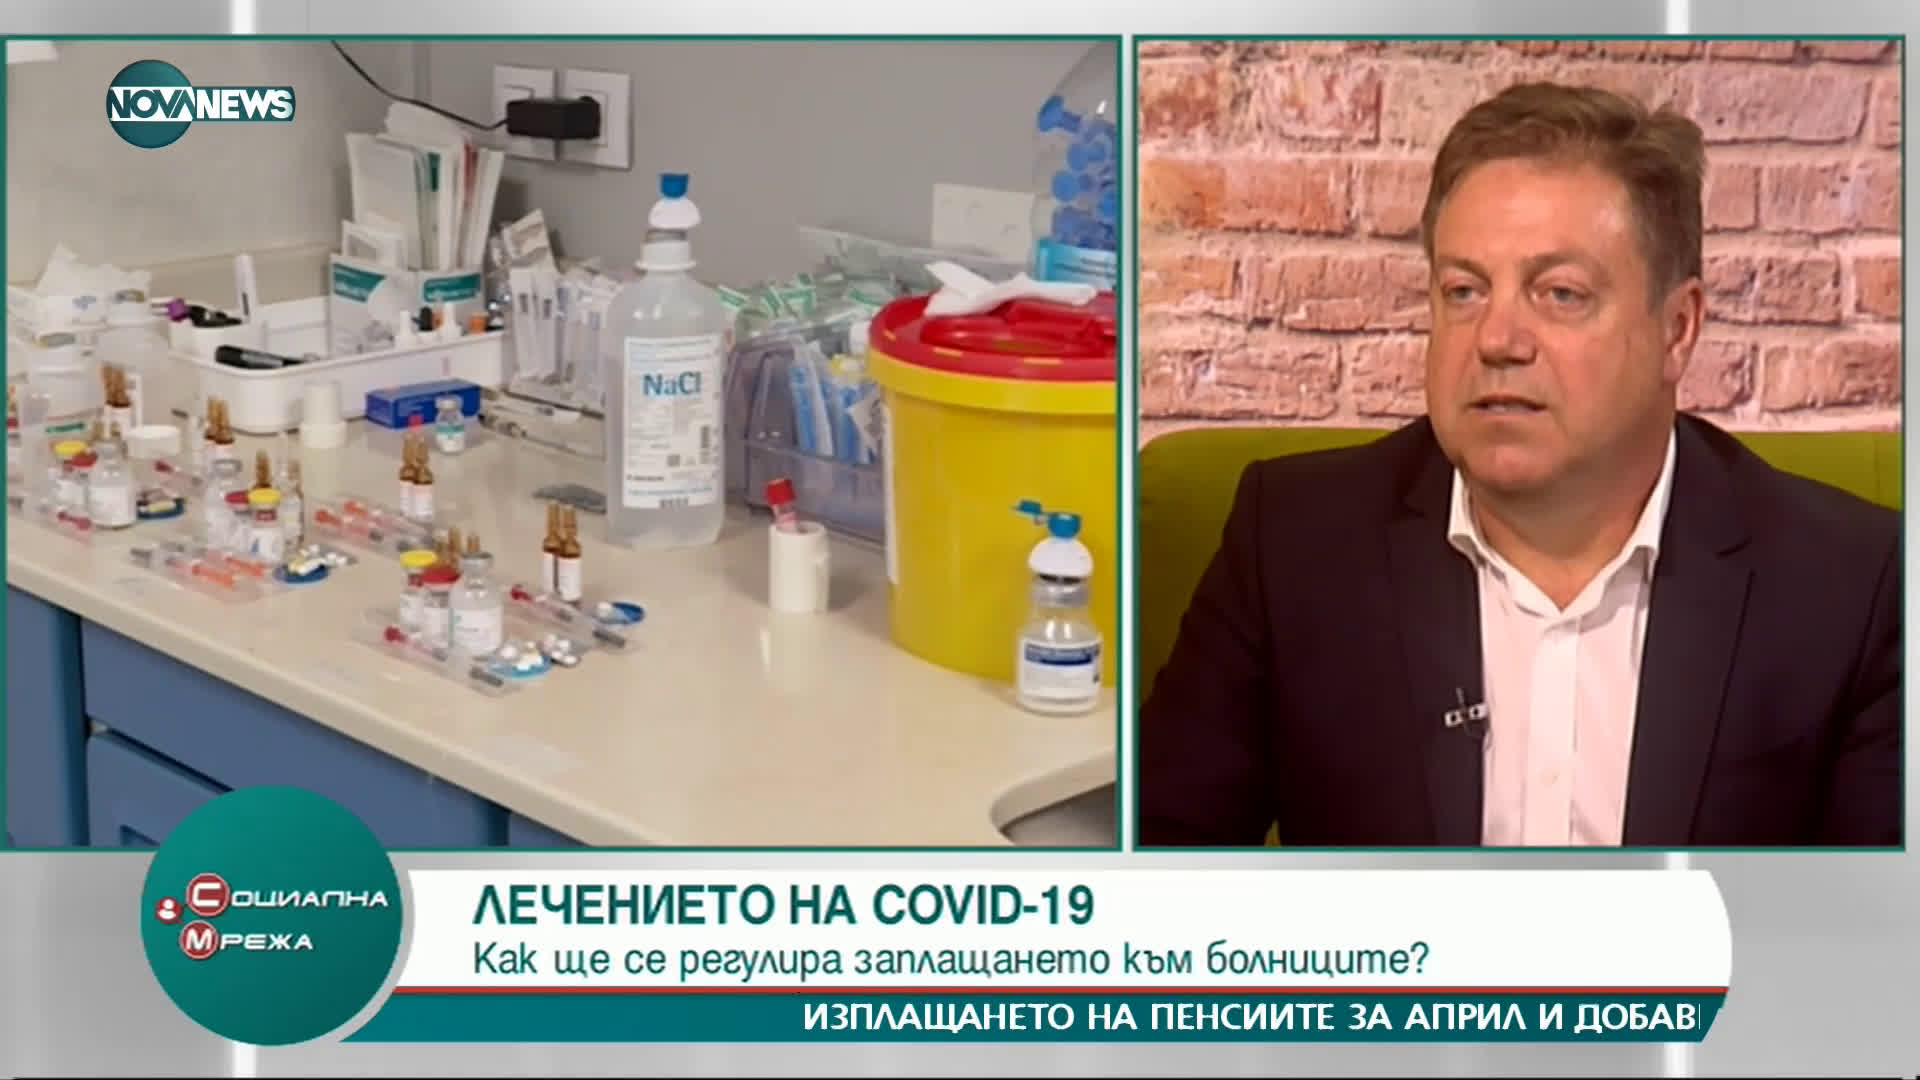 Д-р Иван Маджаров: Антигенните тестове вече ще важат за покриване на лечението от Здравната каса